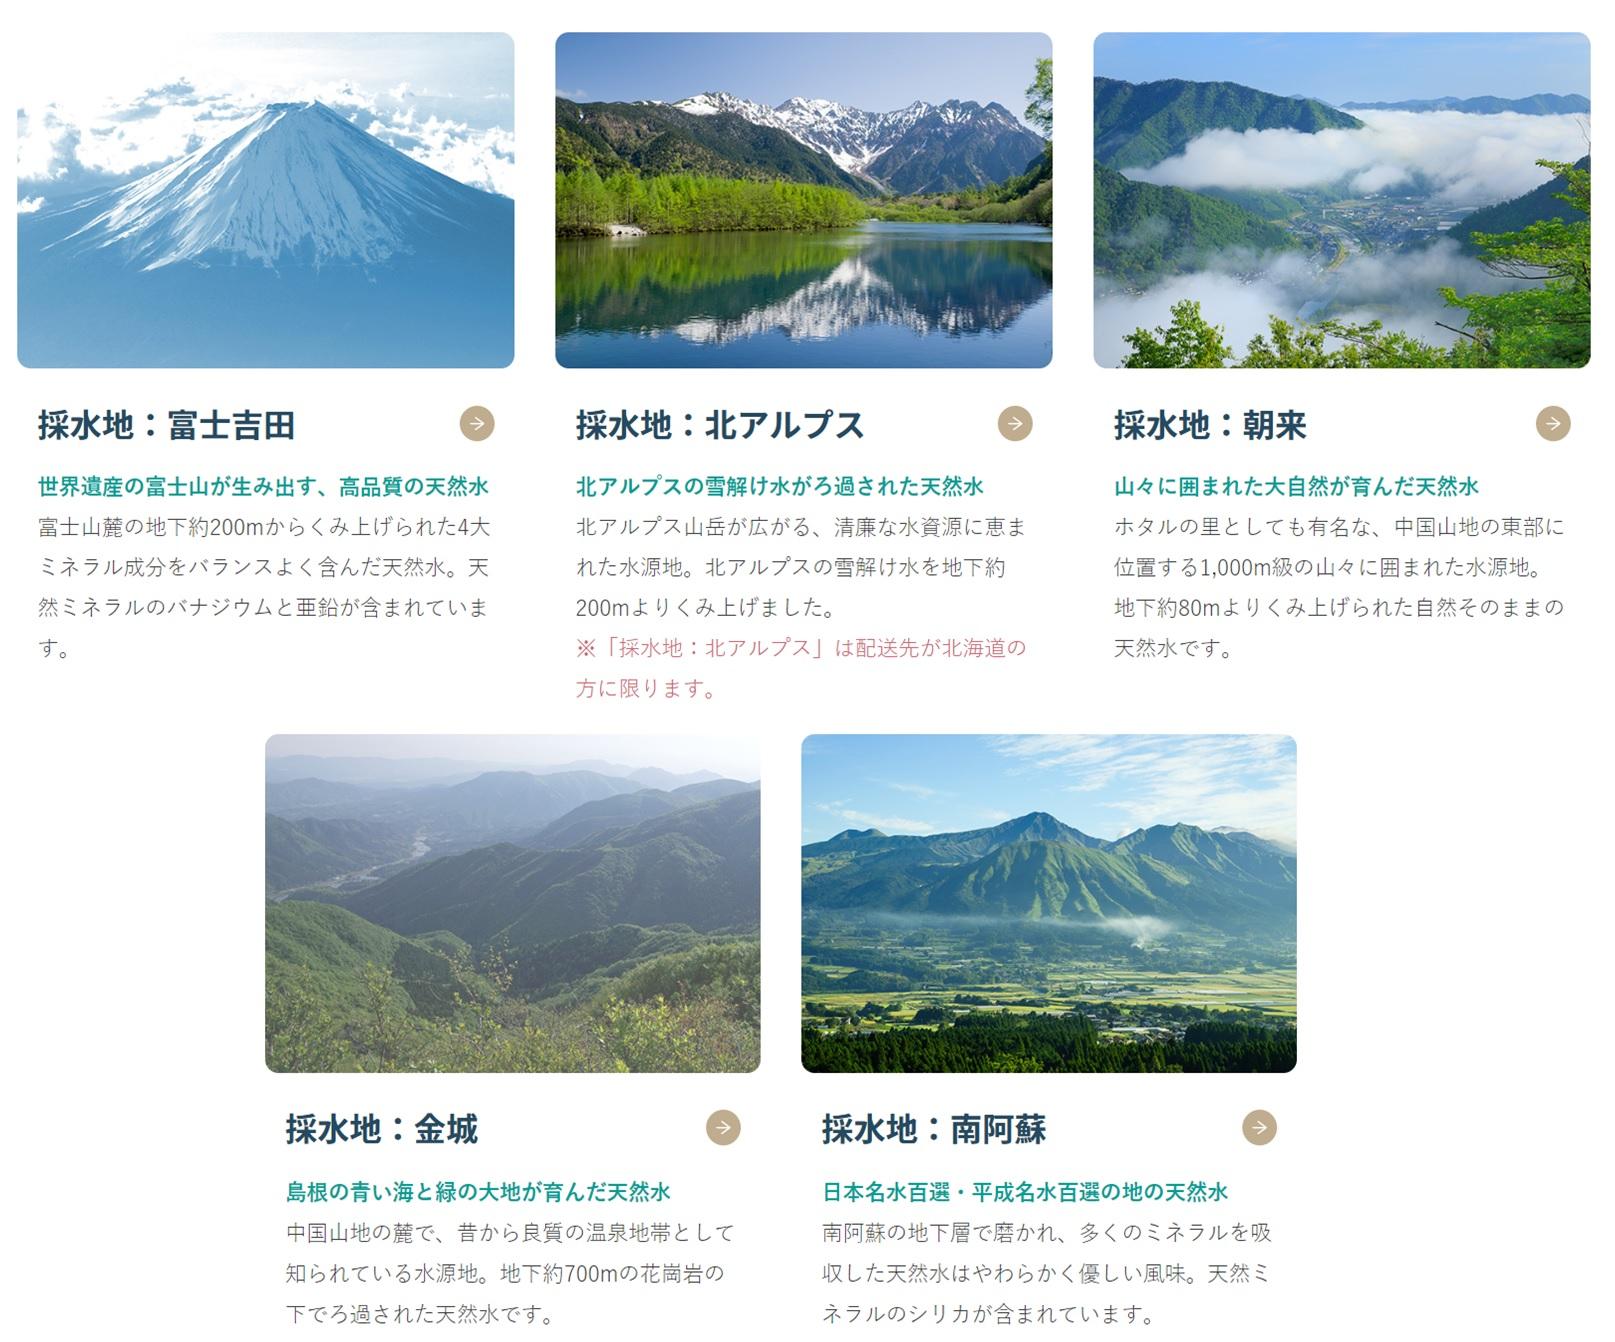 プレミアムウォーターの採水地は富士吉田、北アルプス、朝来、金城、南阿蘇にある